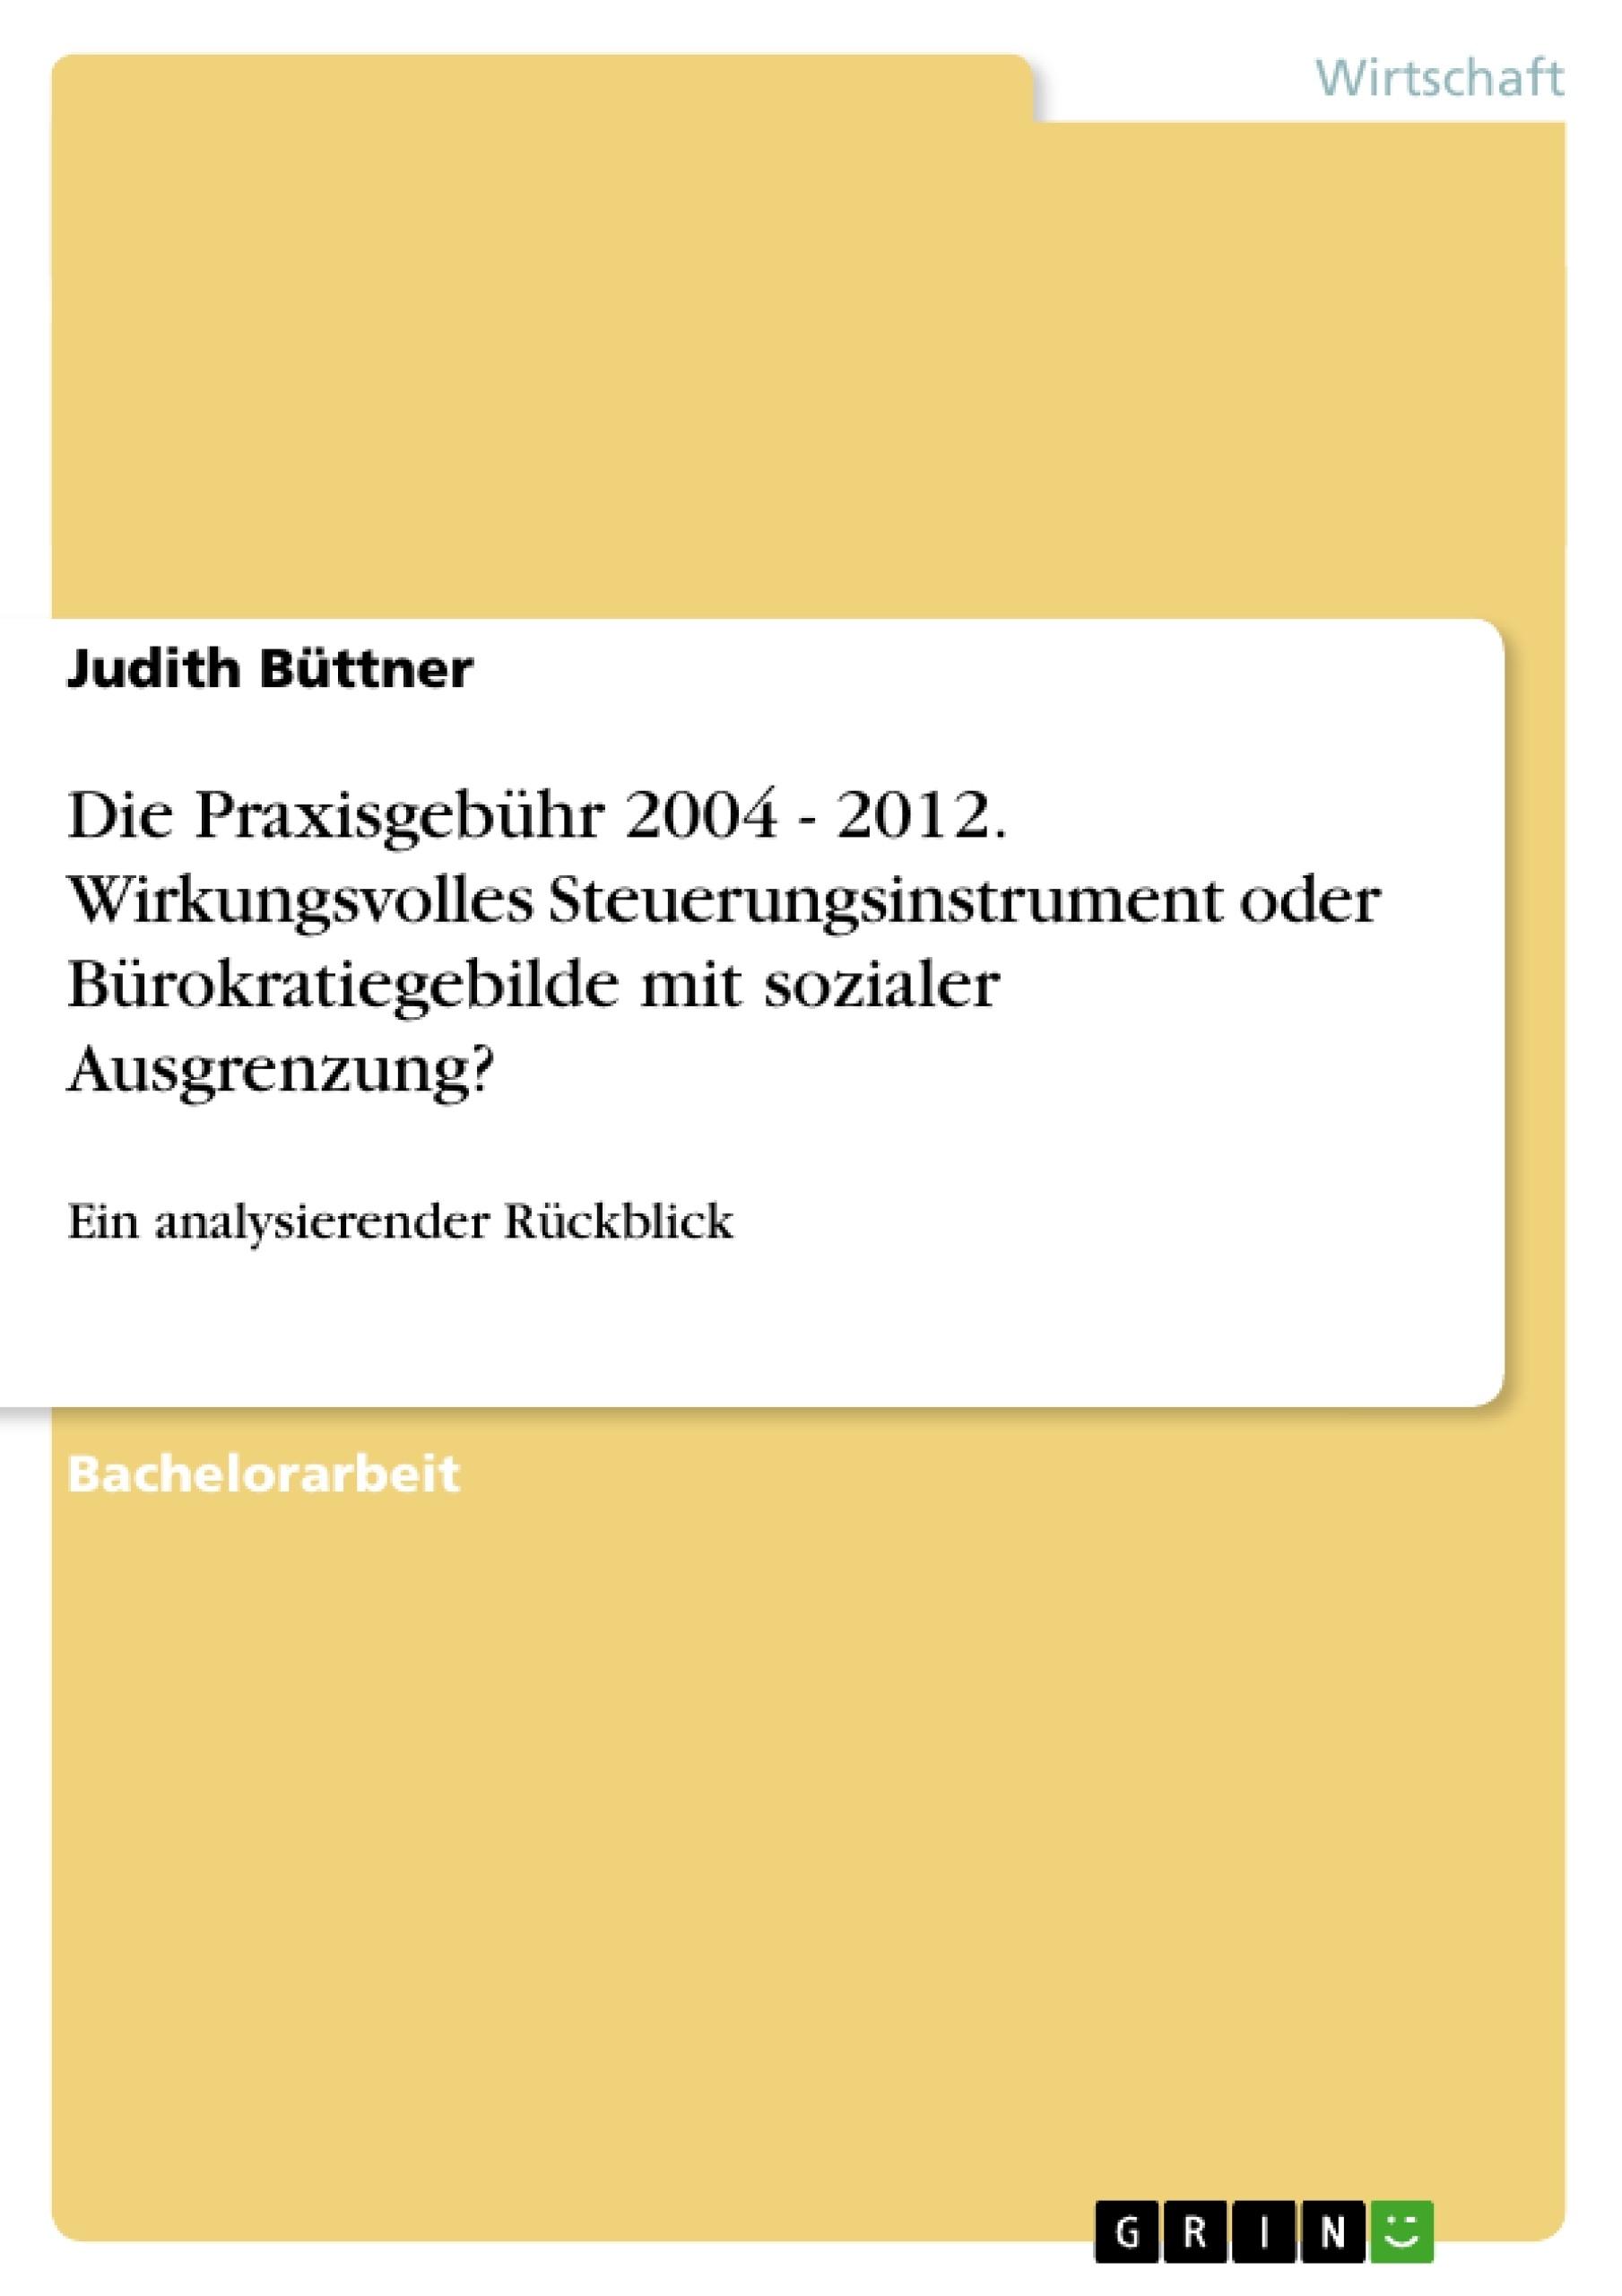 Titel: Die Praxisgebühr 2004 - 2012. Wirkungsvolles Steuerungsinstrument oder Bürokratiegebilde mit sozialer Ausgrenzung?